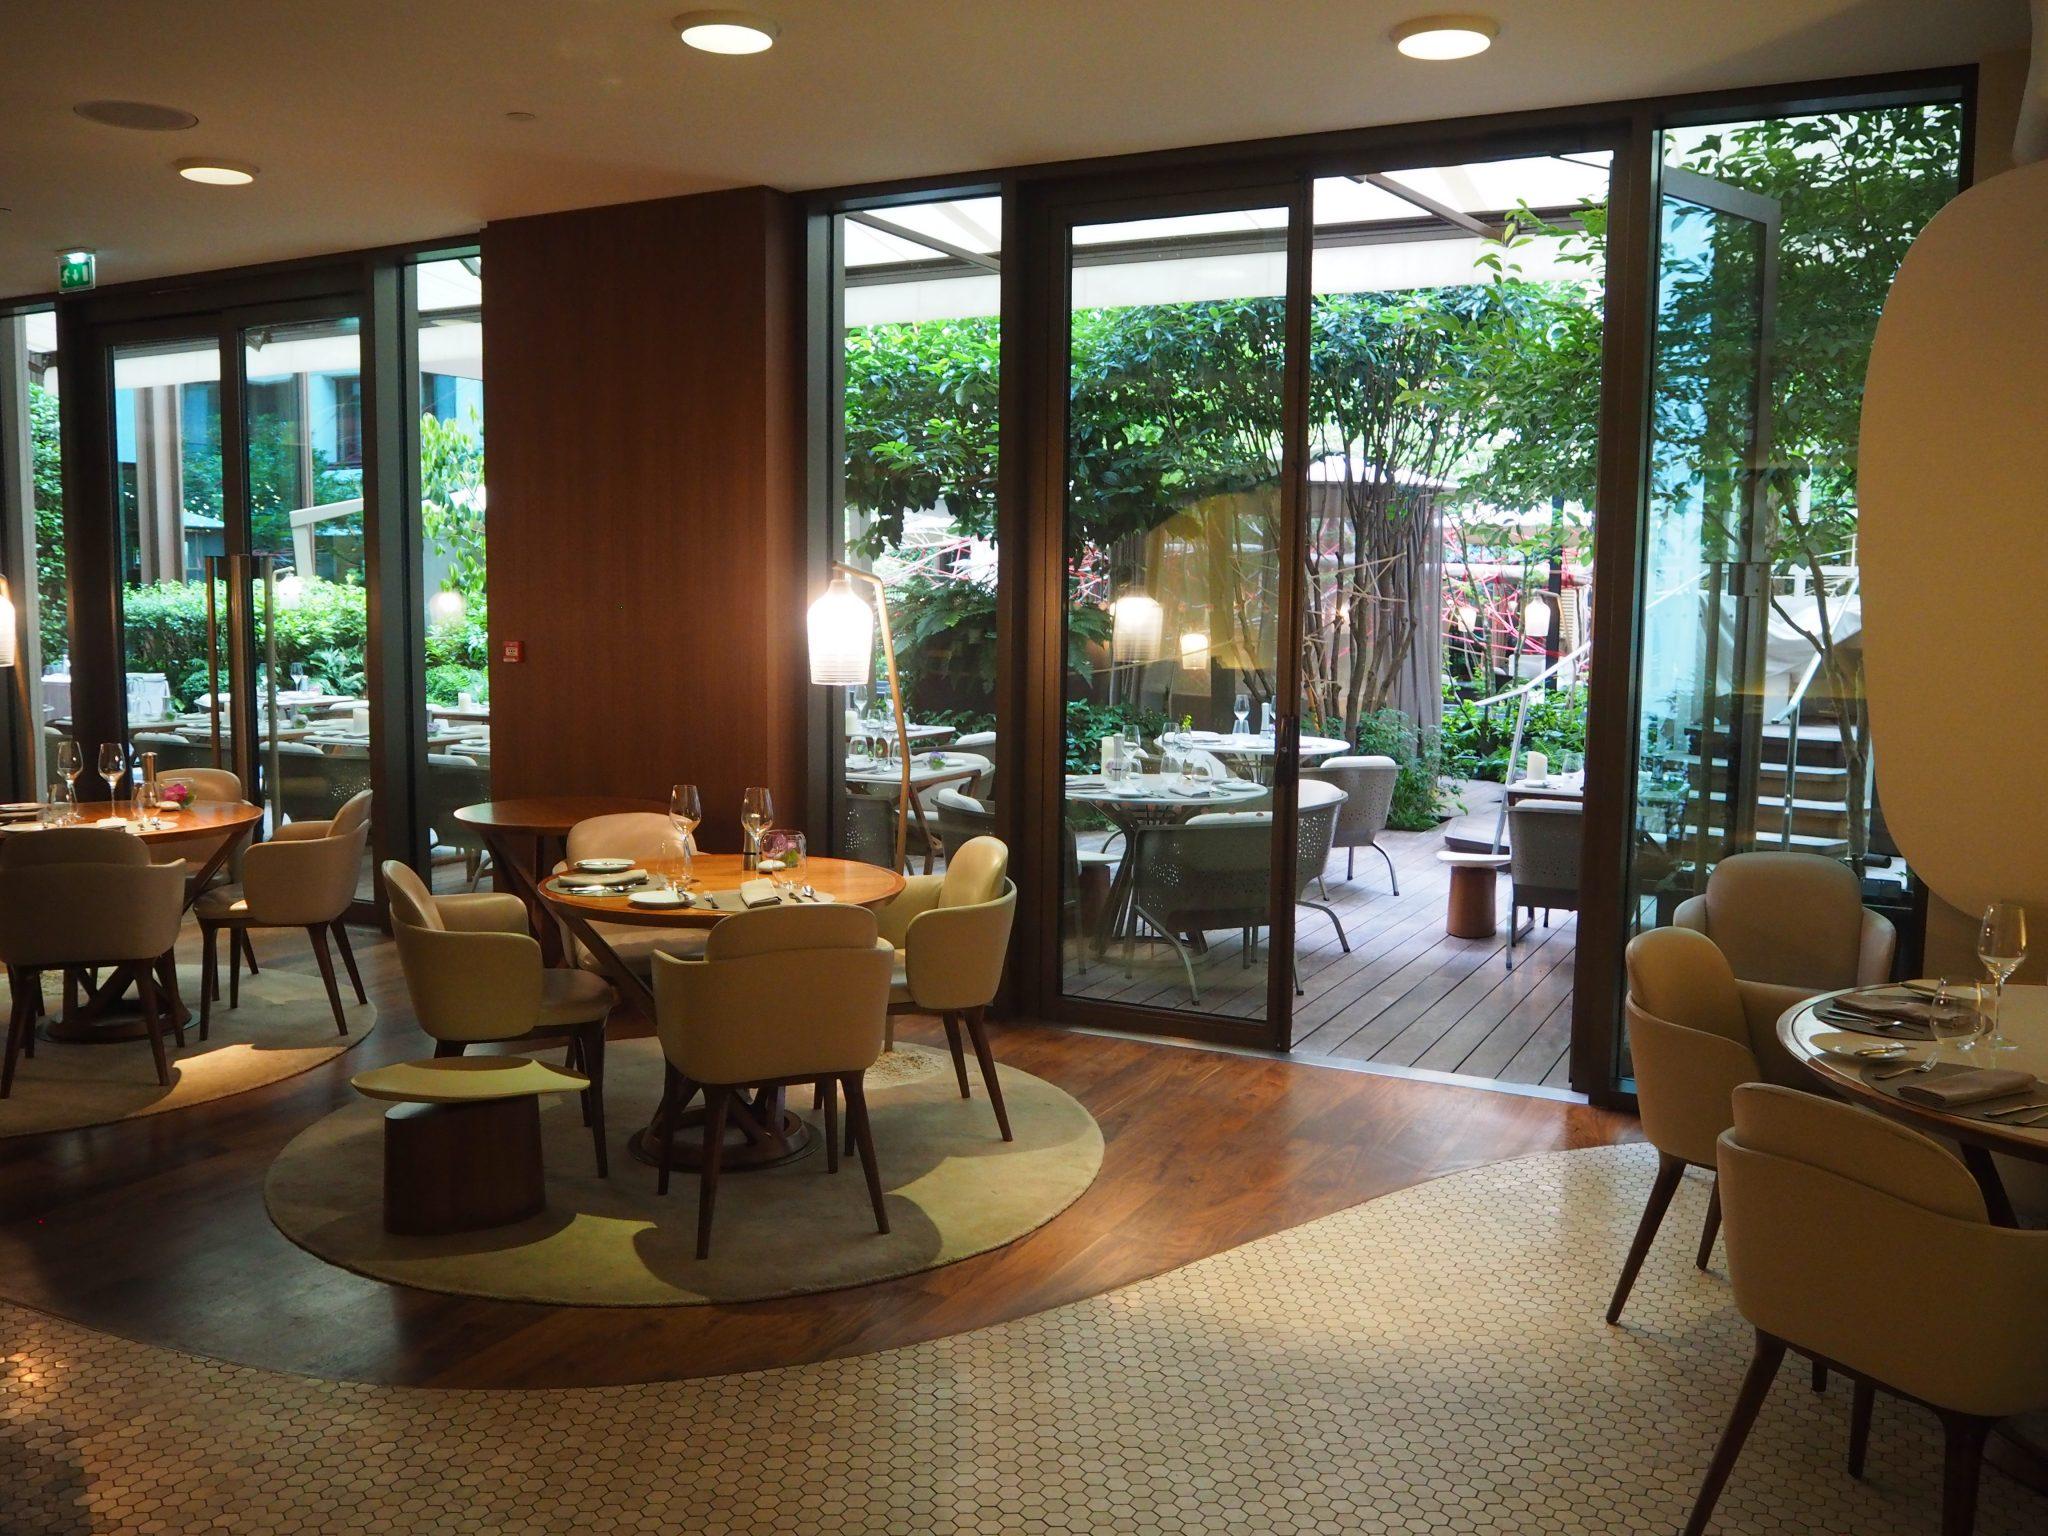 salon salon de jardin lychee avis meilleures id es pour la conception et l 39 ameublement du jardin. Black Bedroom Furniture Sets. Home Design Ideas